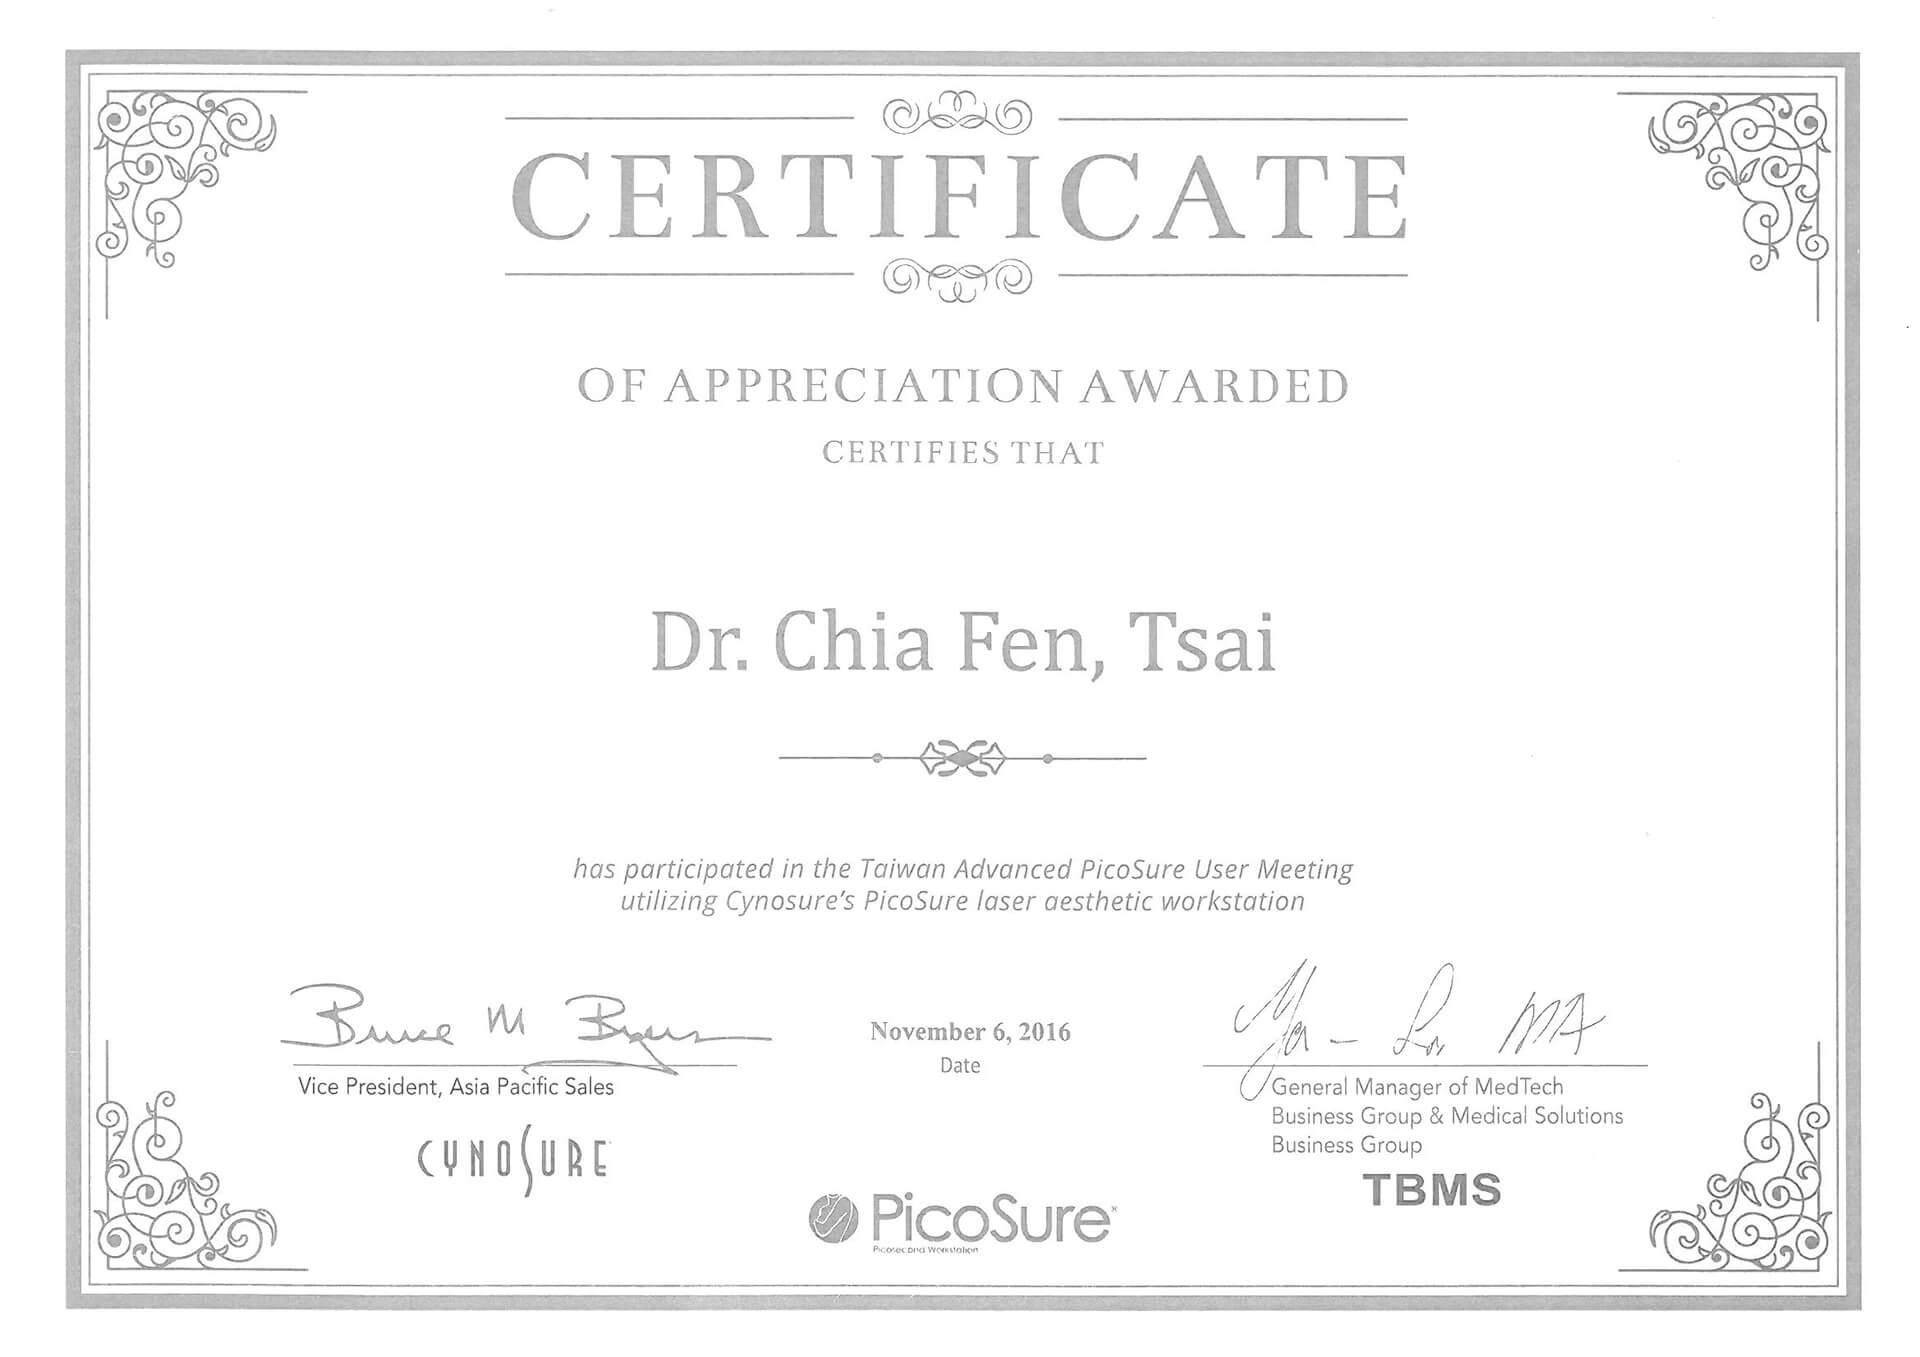 蔡佳芬-Picosure755-2016.jpg